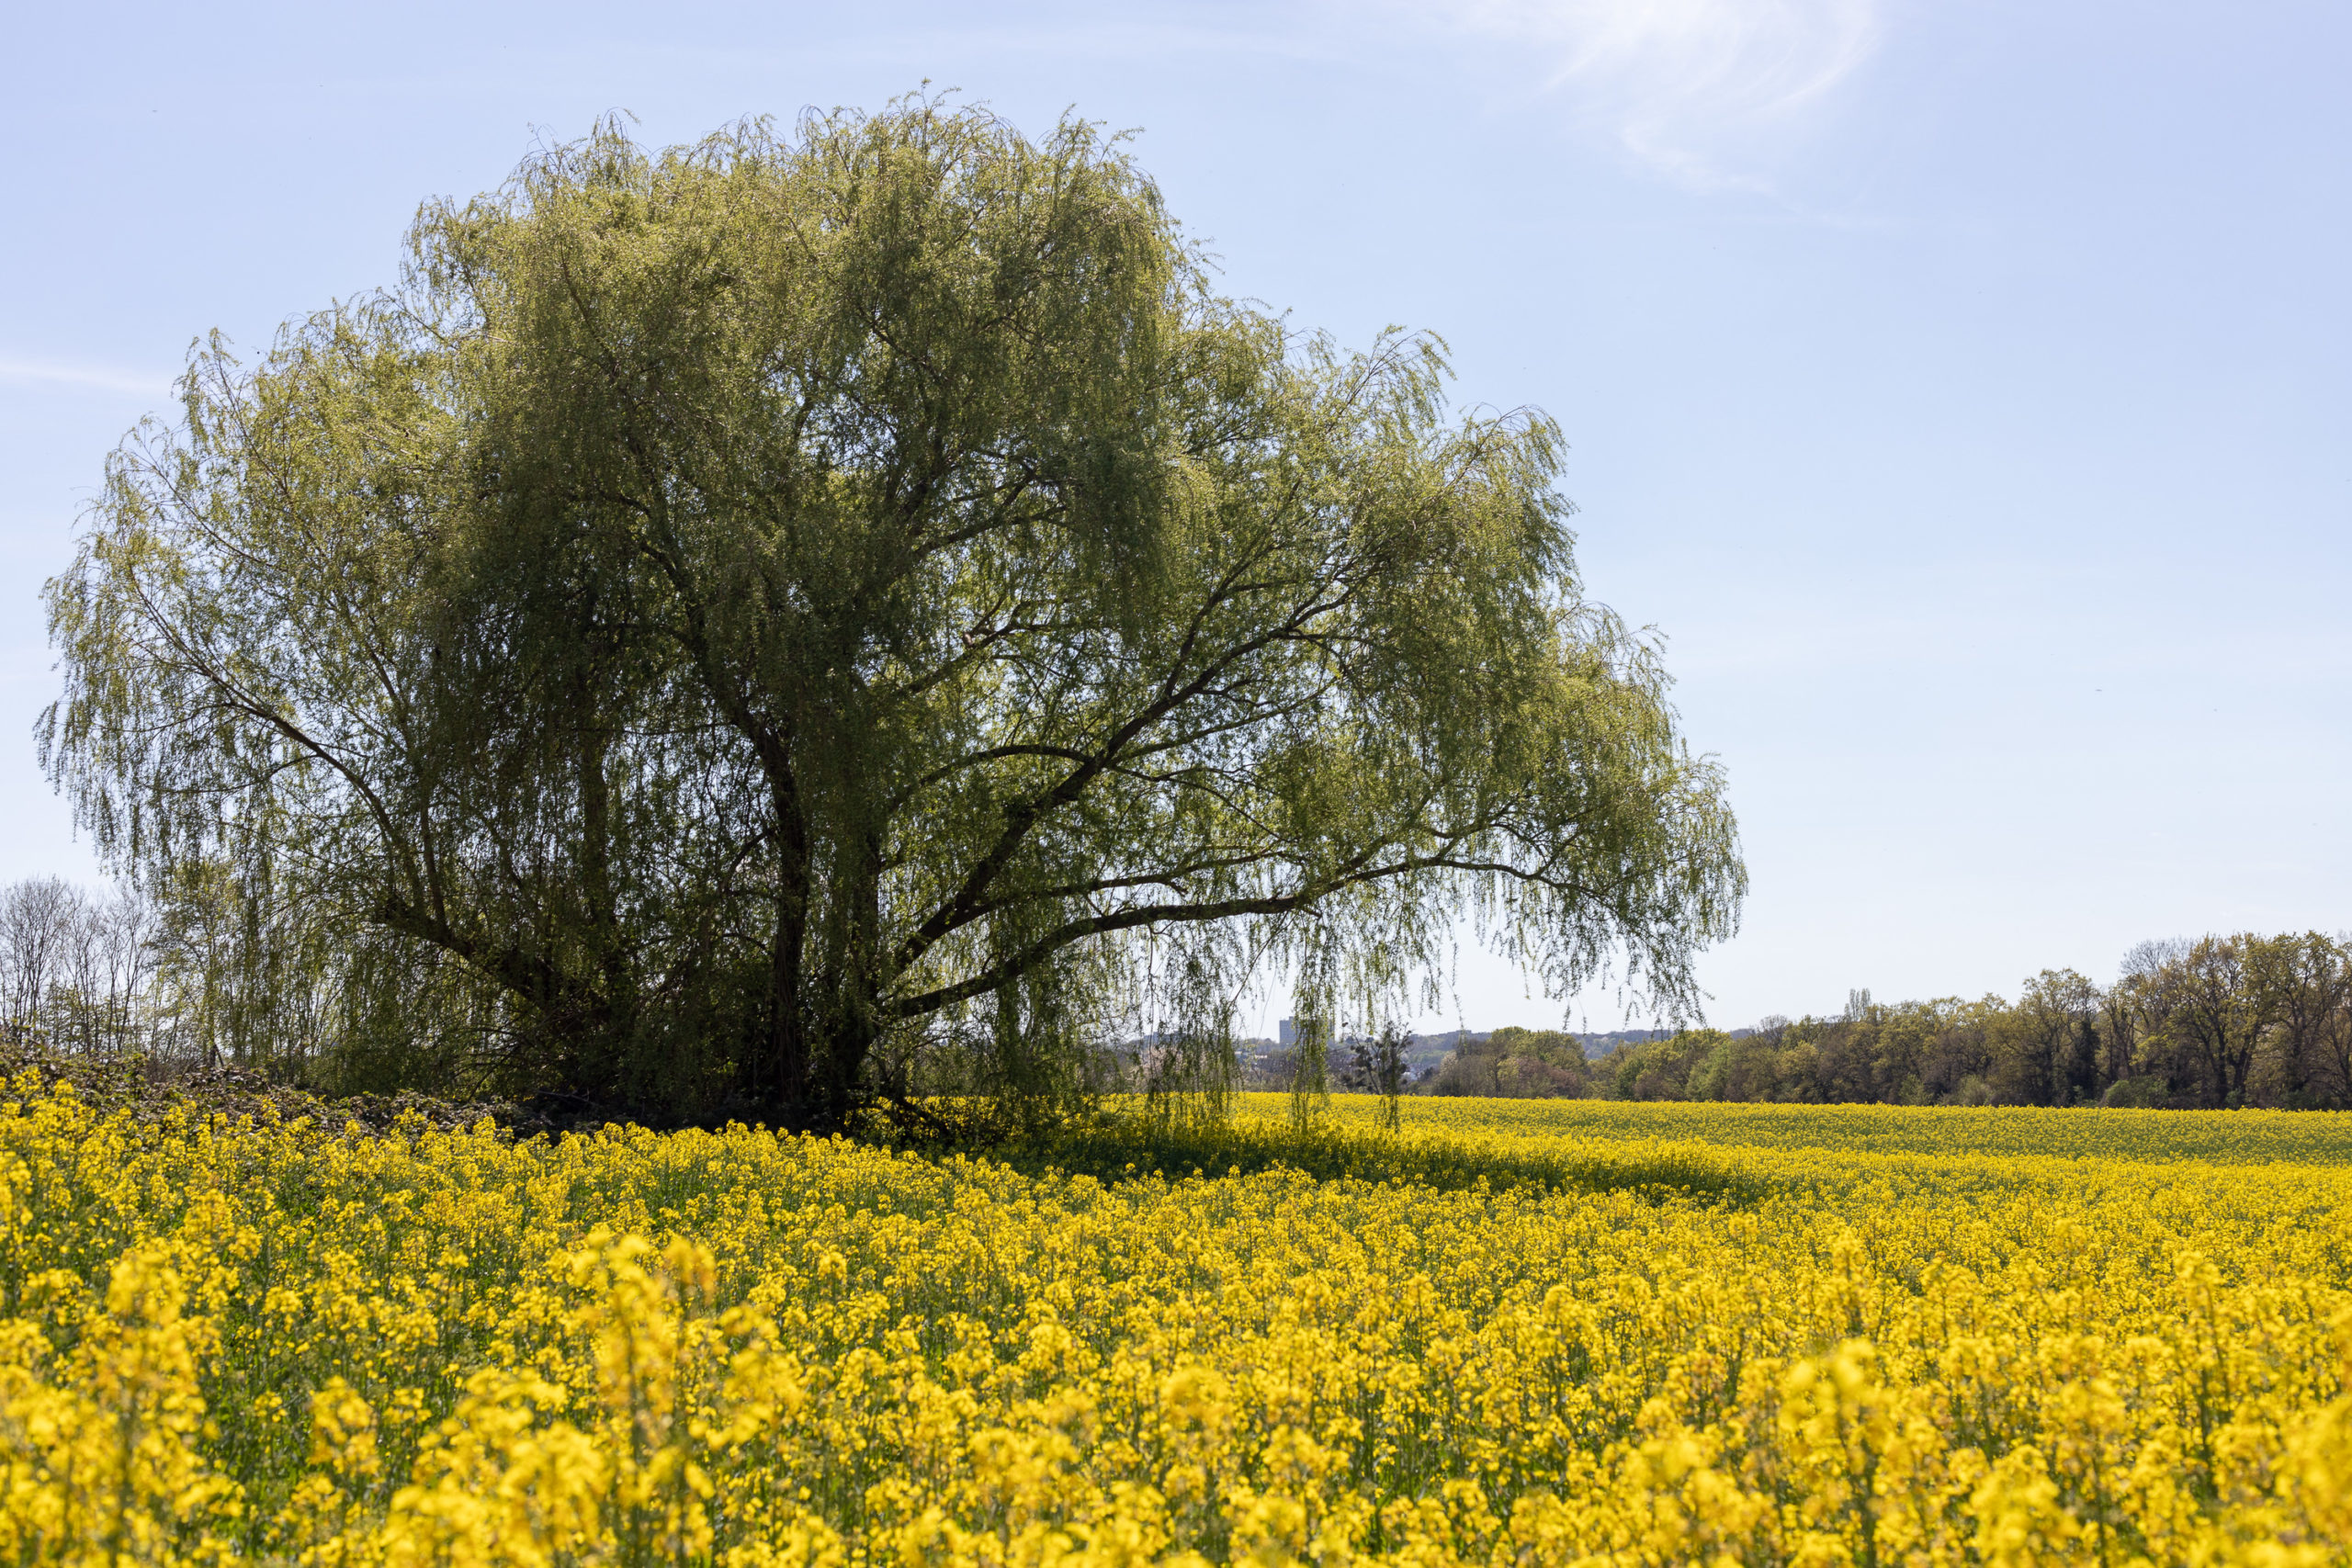 Ein gelbes Rapsfeld, mitten darin eine sehr große Trauerweide